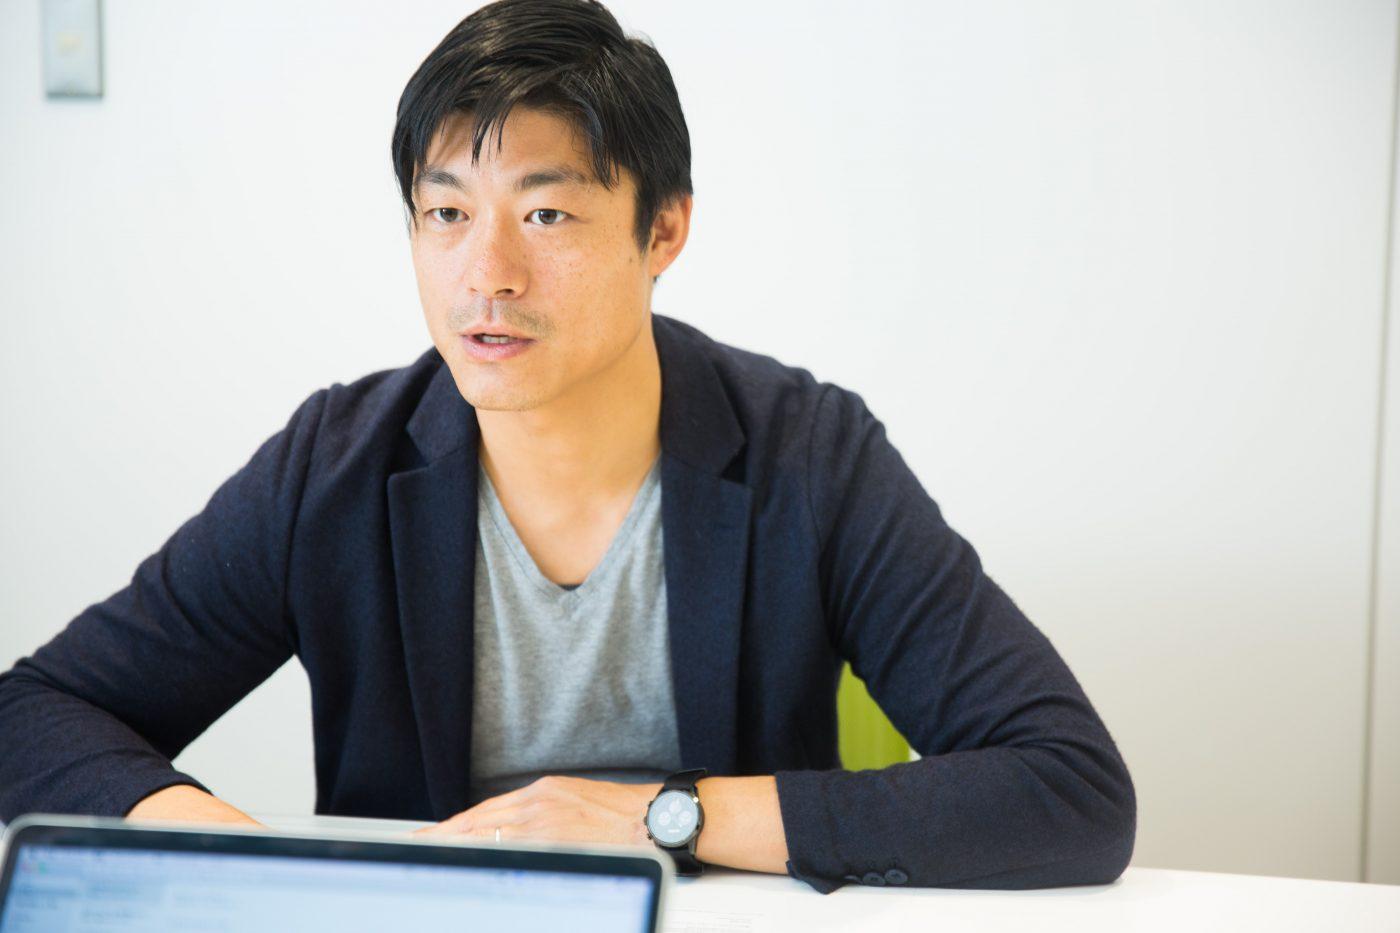 ユーグレナの取締役としてIPOも経験した。そんな永田氏が、新たにリアルテックに特化したファンドを立ち上げたのは誰も挑戦したことのない領域だったからだった。